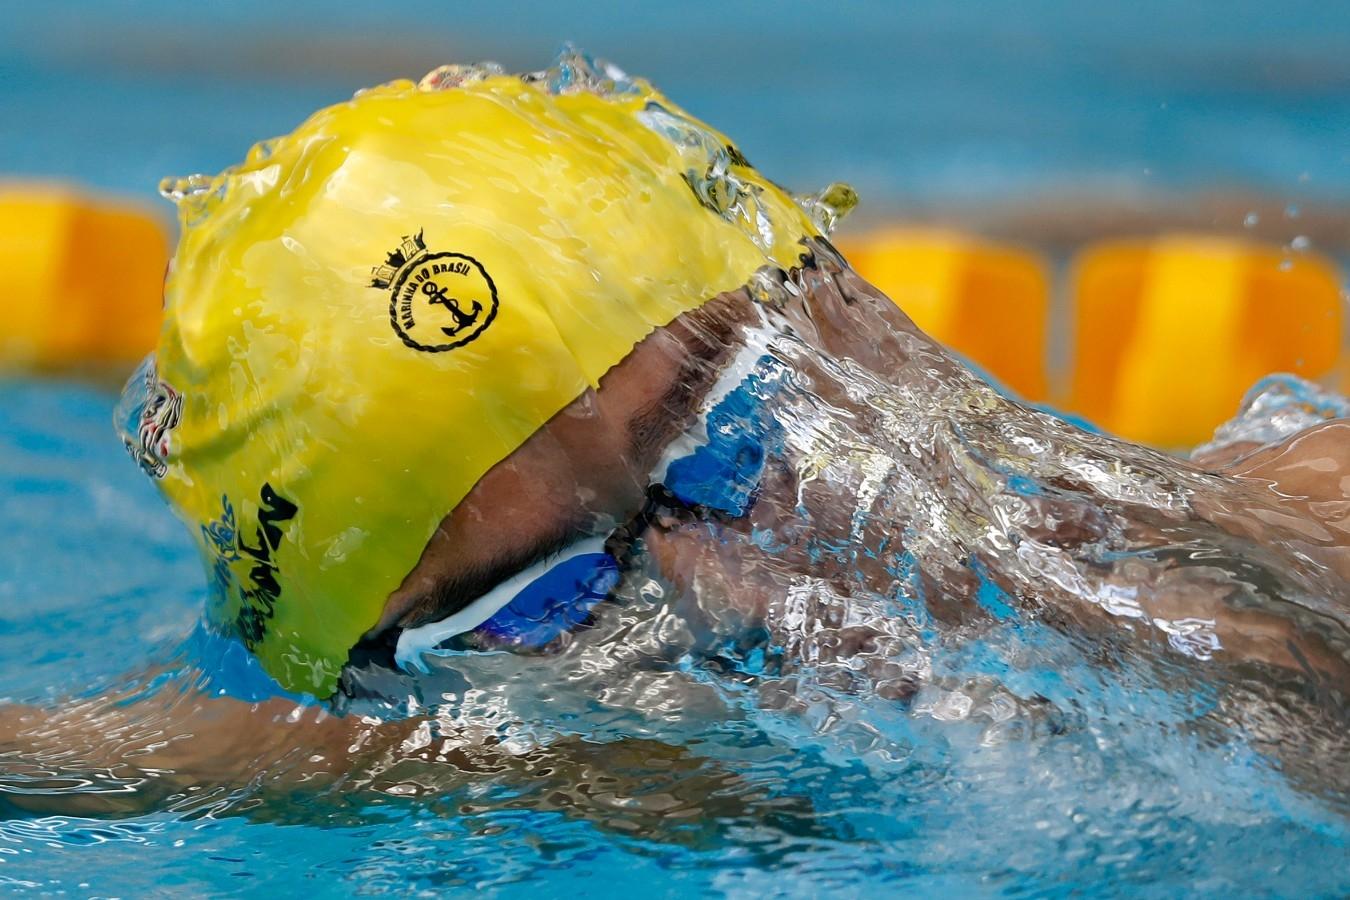 Brandonn Almeida. Troféu Brasil de Natacao no Parque Aquatico Maria Lenk. 17 de Abril de 2018. Rio de Janeiro, RJ, Brasil. Foto: Satiro Sodré/SSPress/CBDA